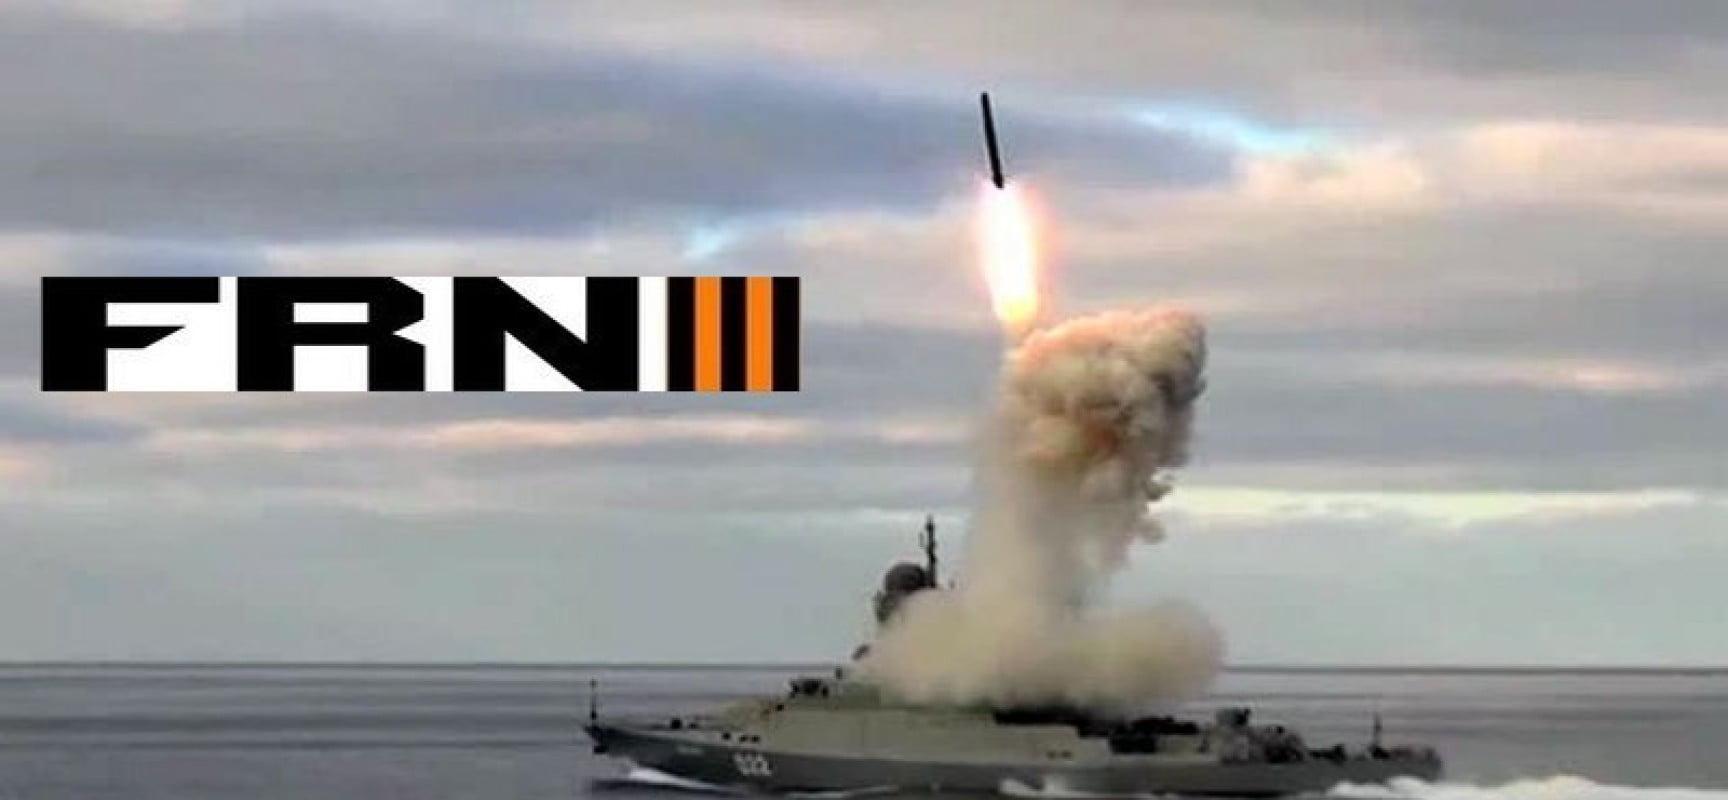 Ρουά Ματ: Ρωσικοί πύραυλοι από τη Συρία μπορούν να χτυπήσουν τα οχυρά του ΝΑΤΟ στη Νότια Ευρώπη